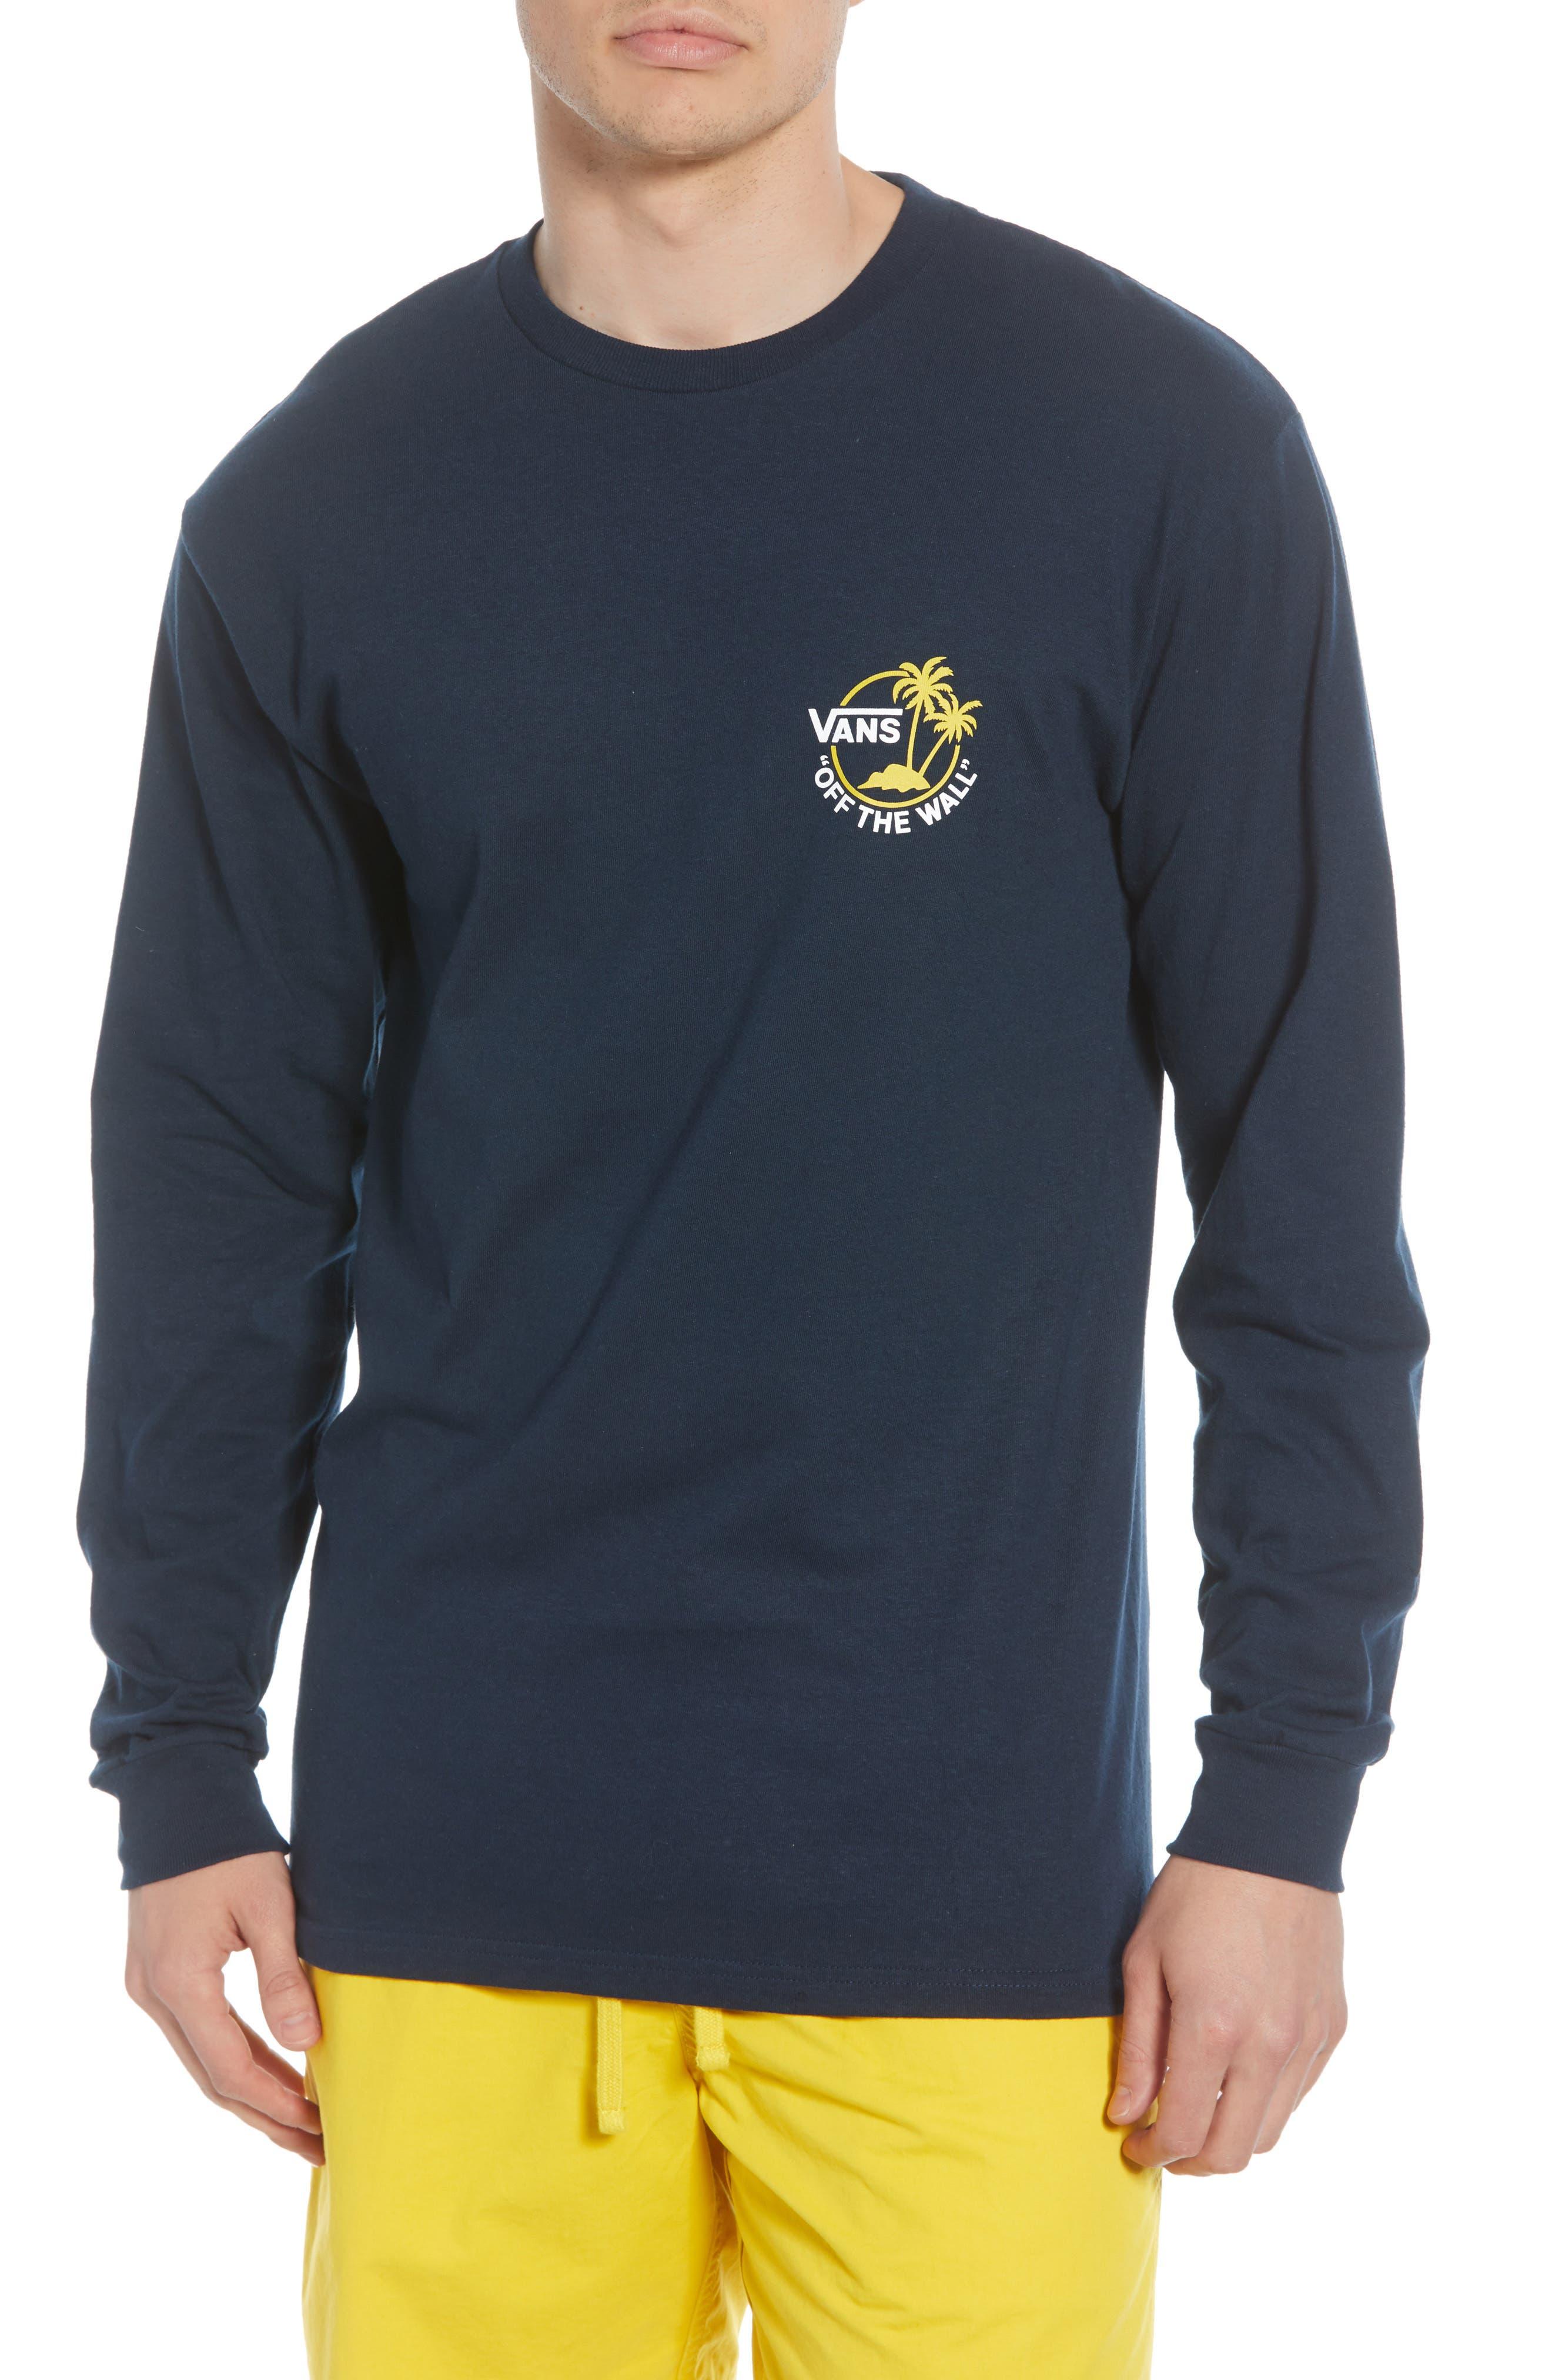 d29d40f48 Men's Vans T-Shirts, Tank Tops, & Graphic Tees | Nordstrom